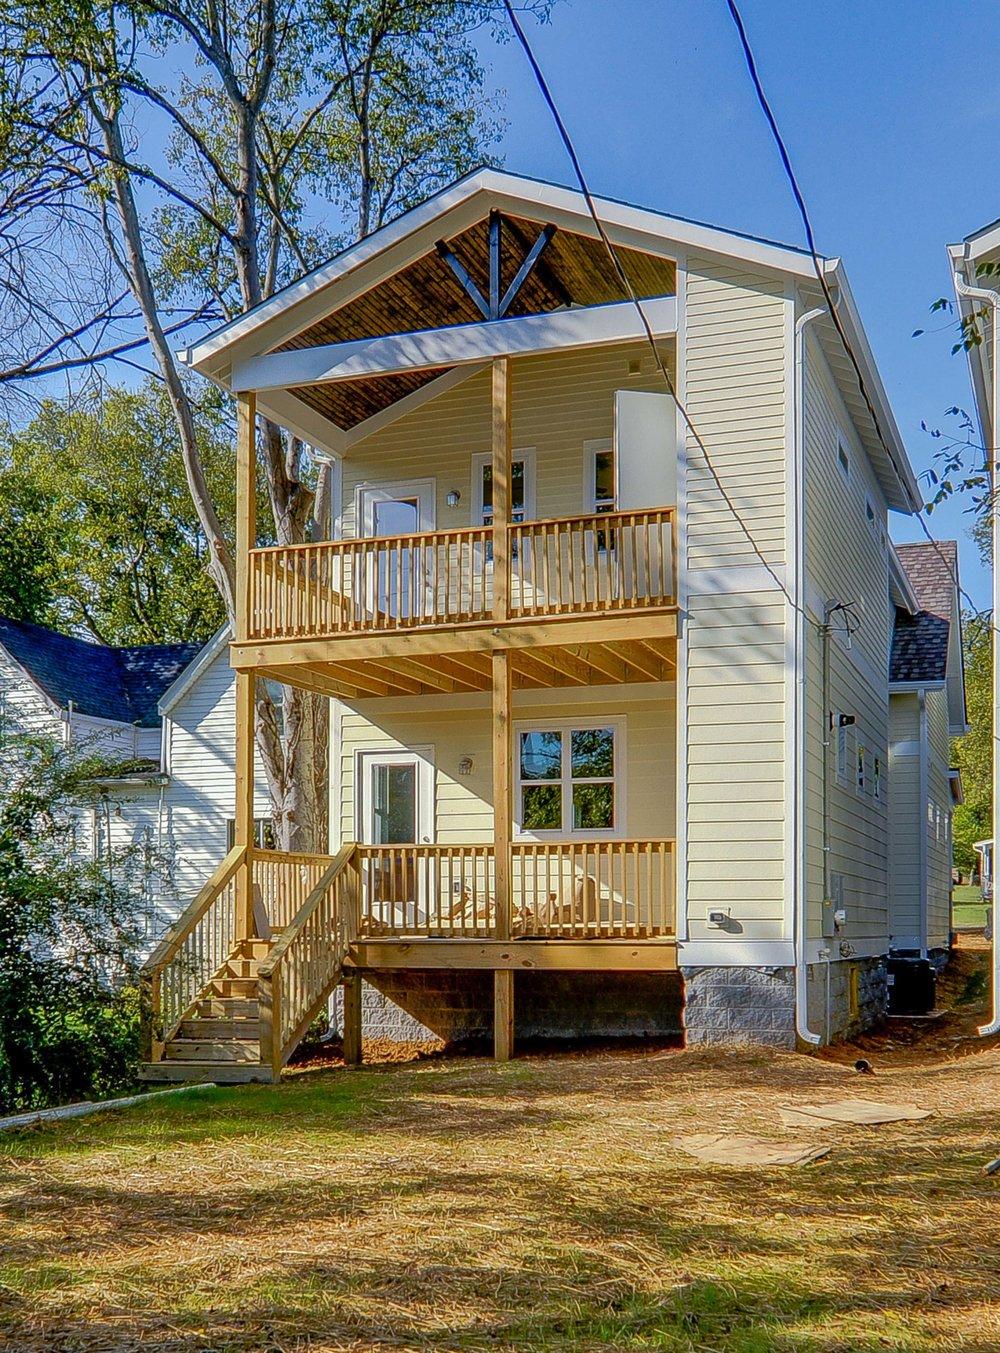 House-Plans-Online-Nashville-Narrow-Decks-Kentucky.jpg